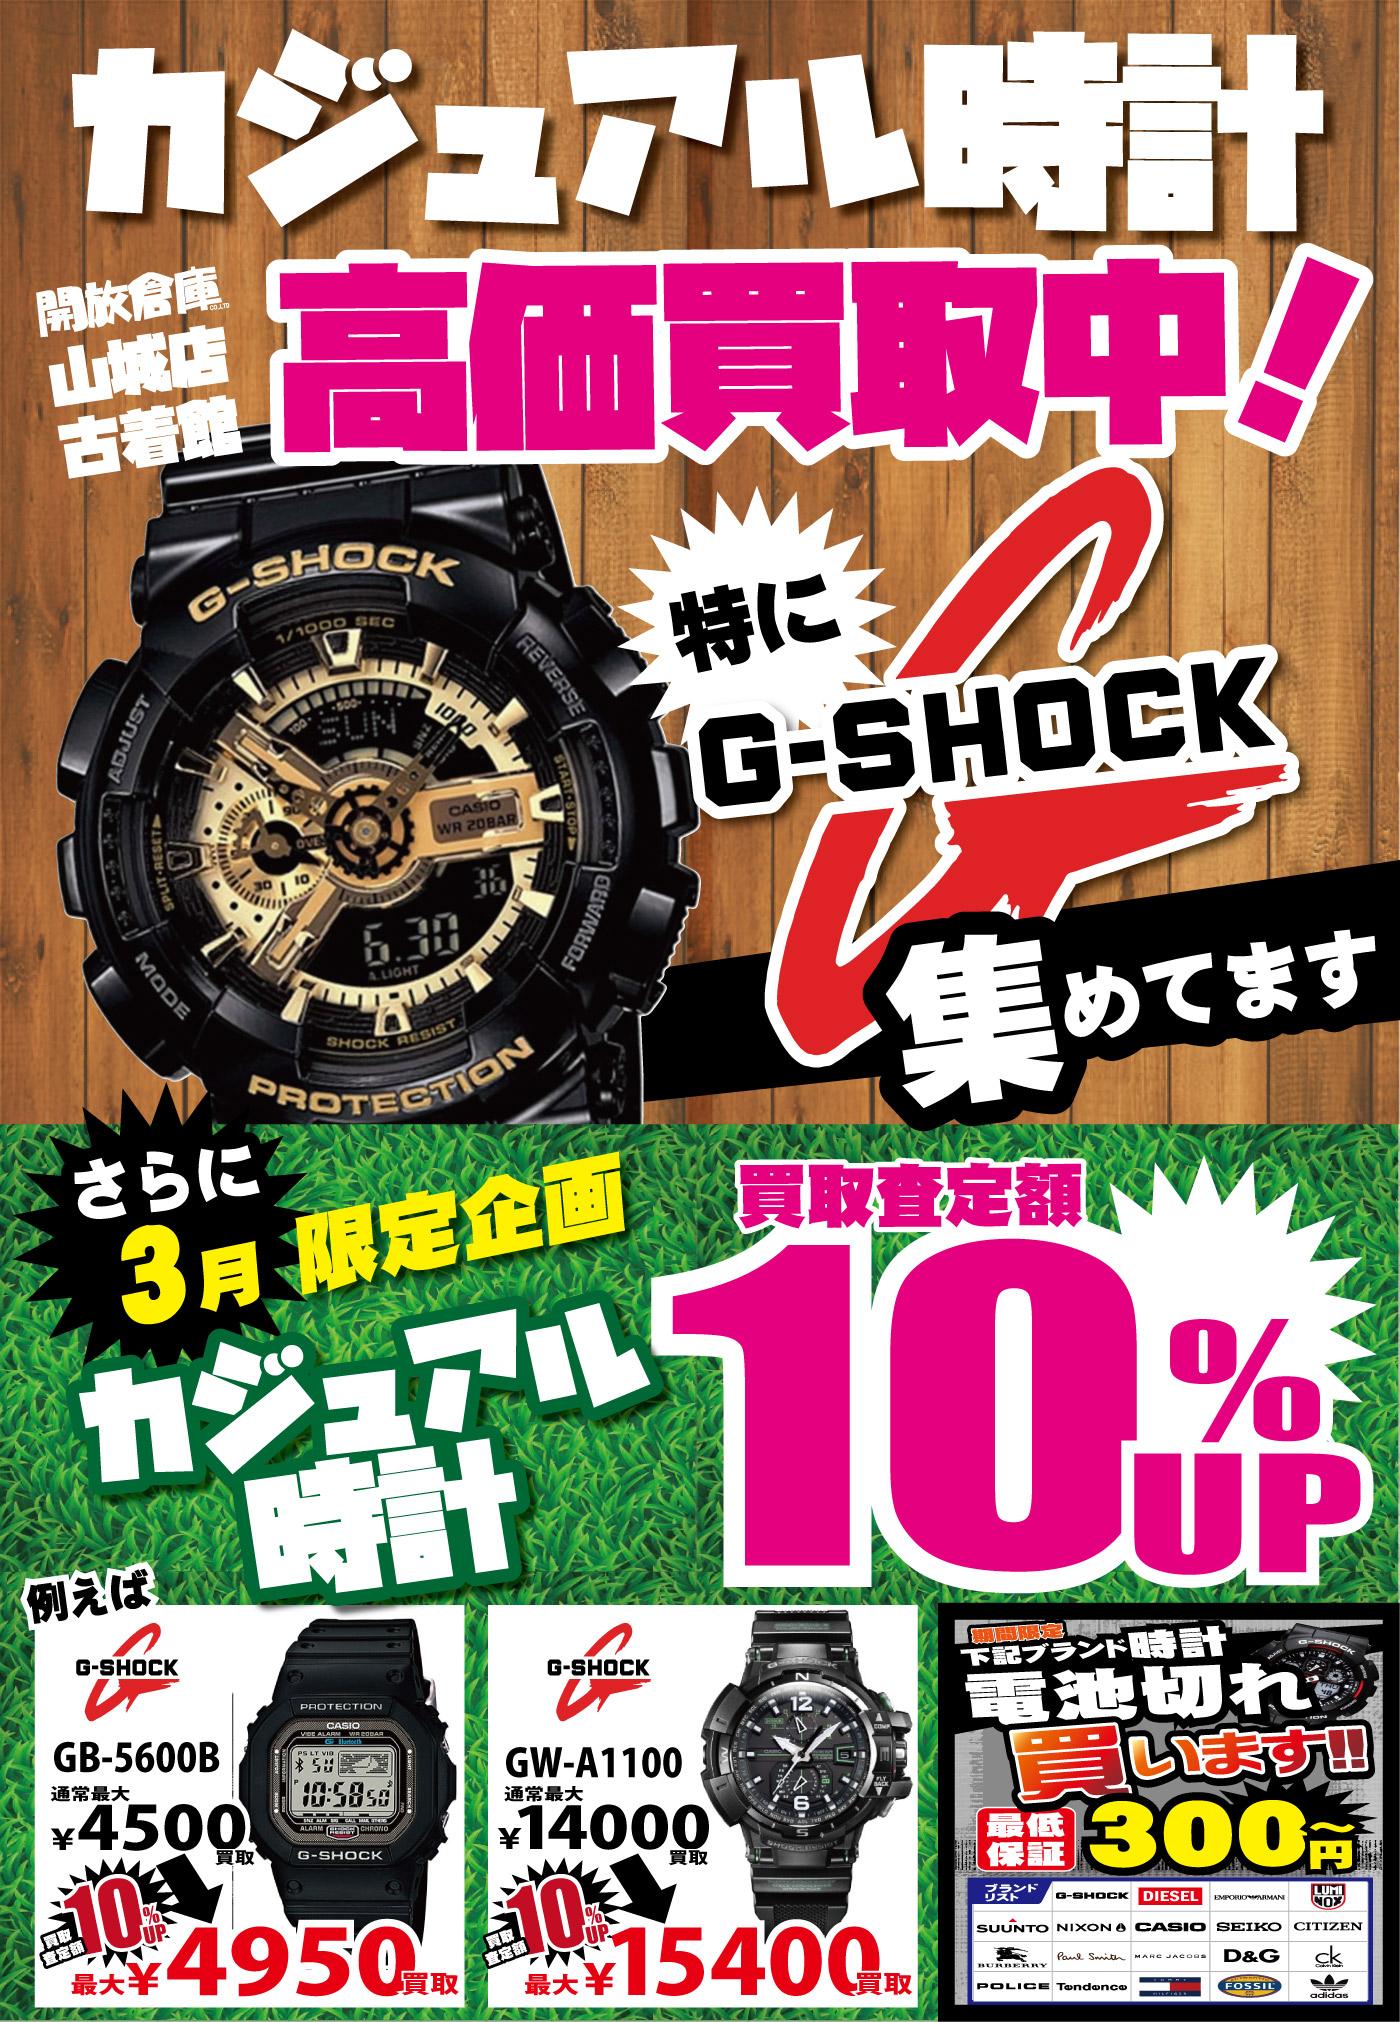 「開放倉庫山城店」2017年3月カジュアル時計高価買取中!特にG-SHOCK集めています!!さらに、カジュアル時計!買取査定額10%UP!!